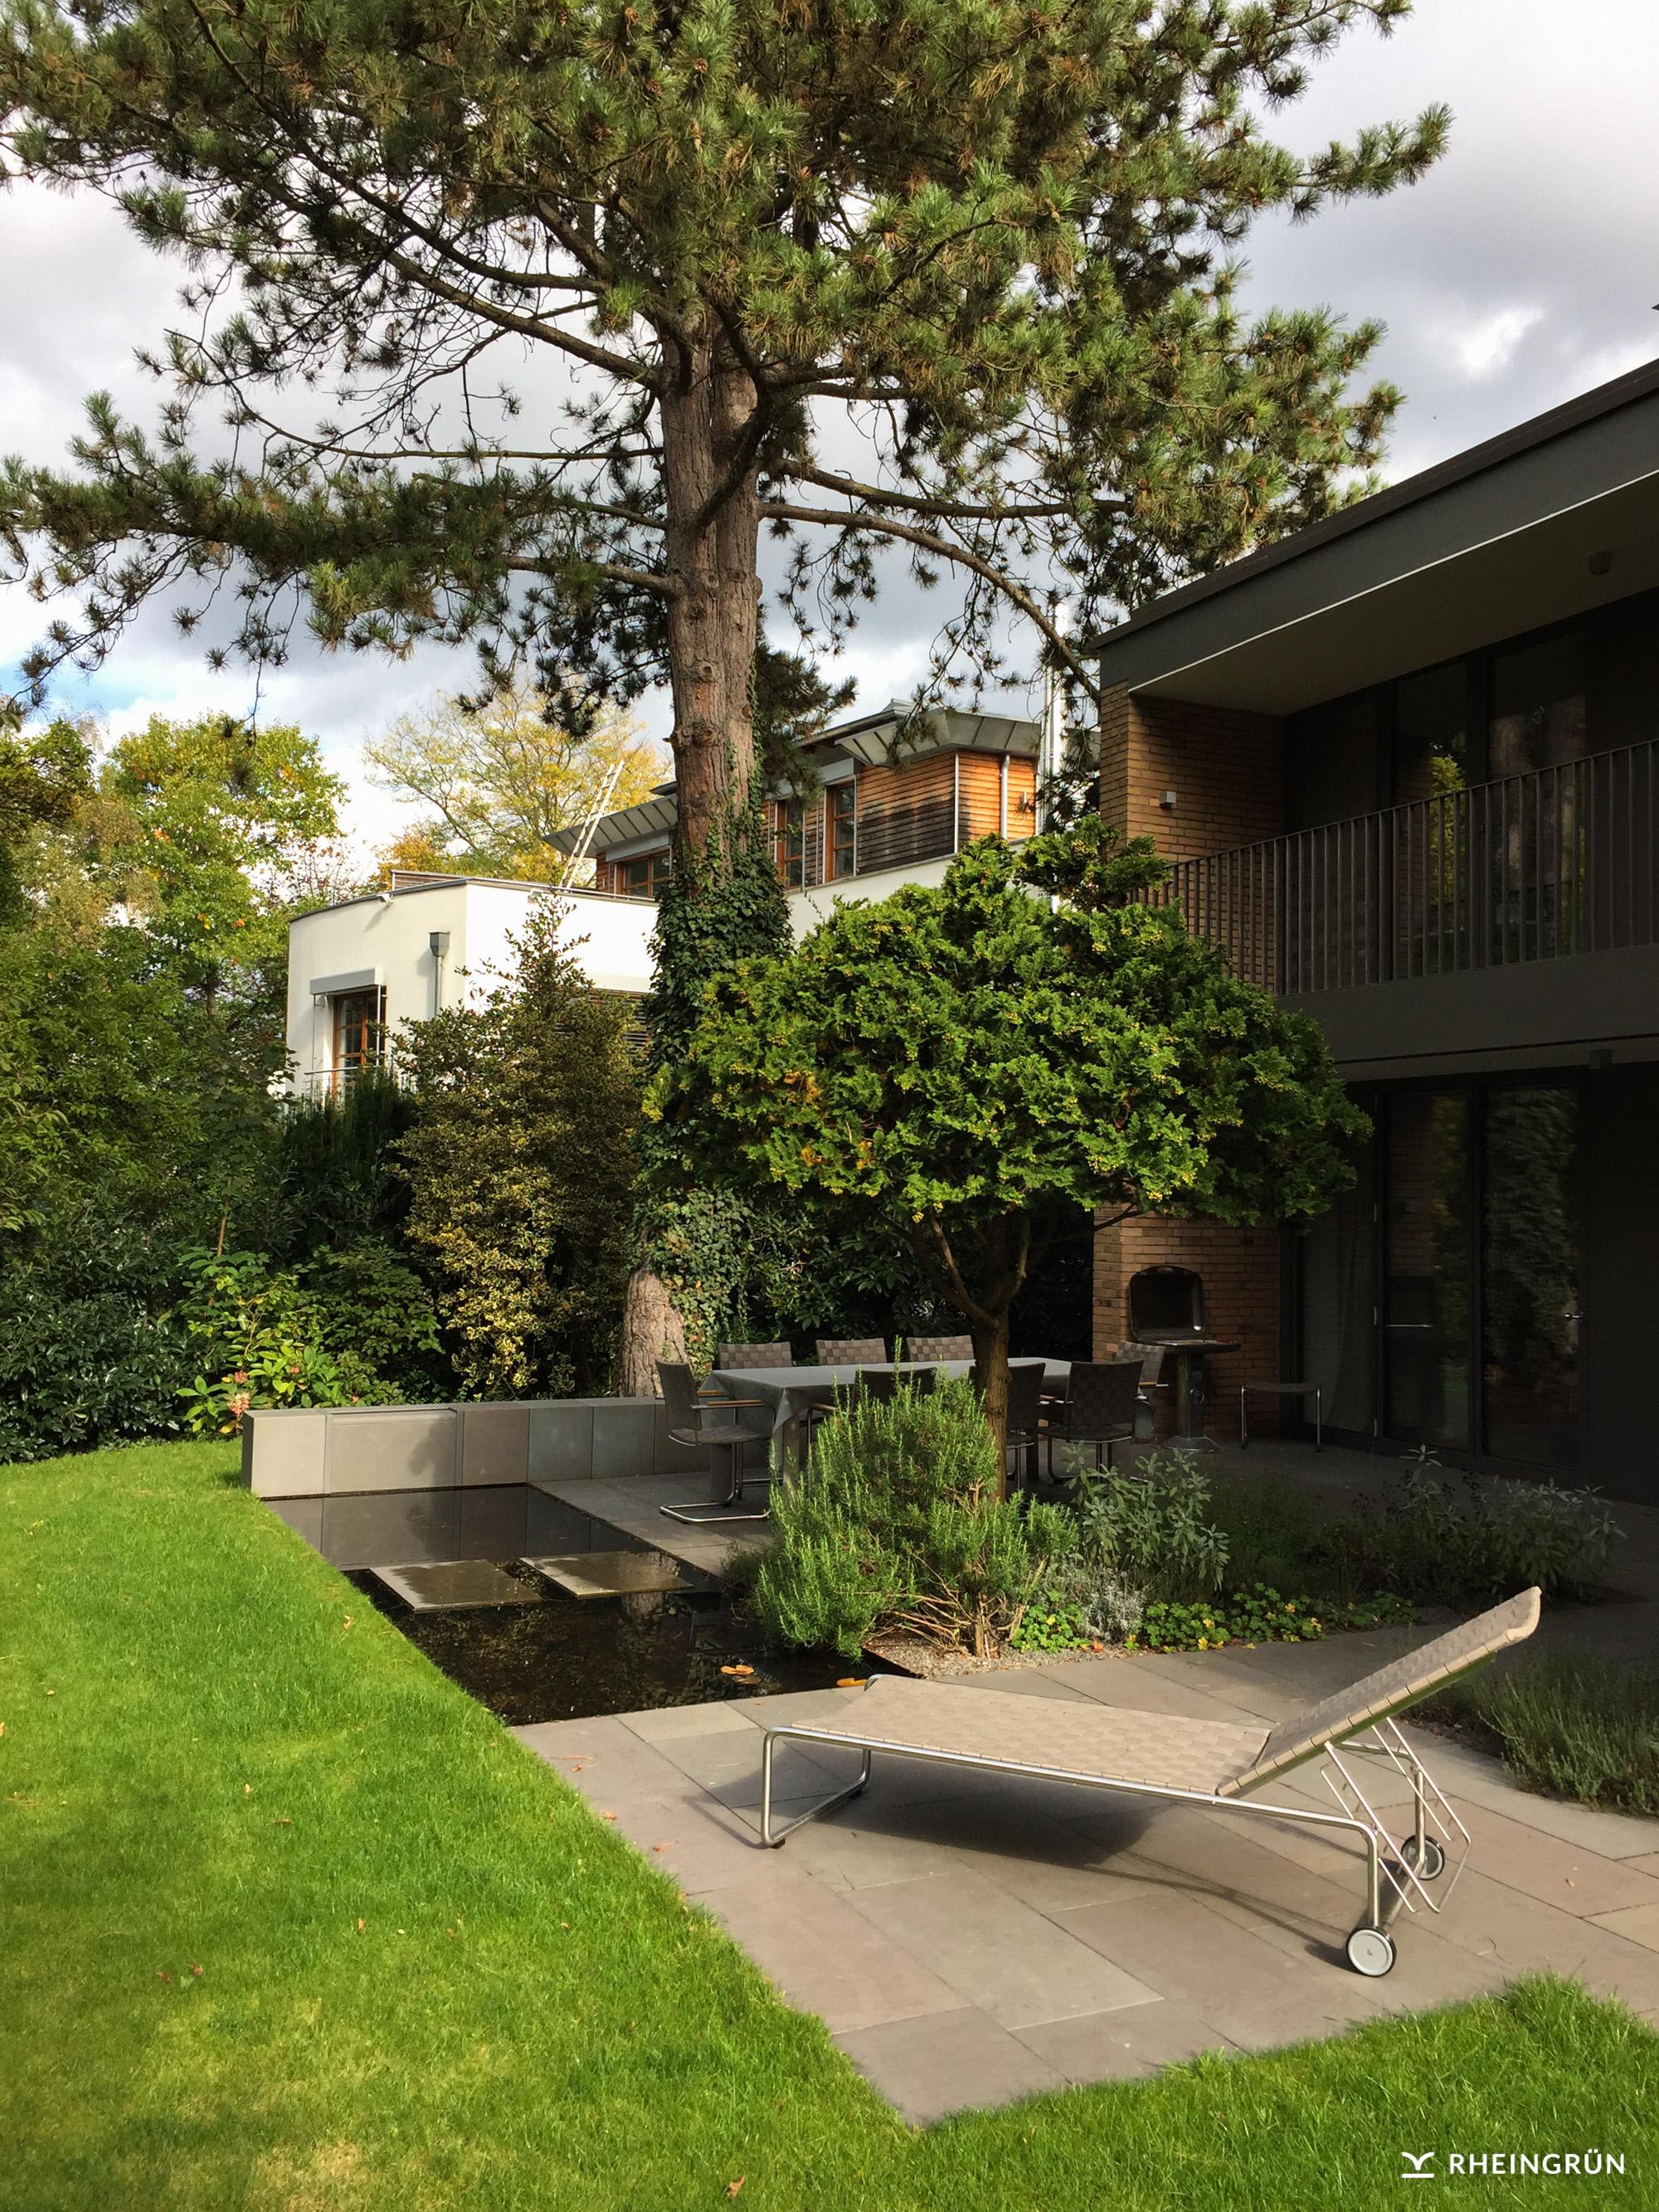 Modernes Stadthaus mit kleinem Innenhof und Terrasse mit Wasserbecken